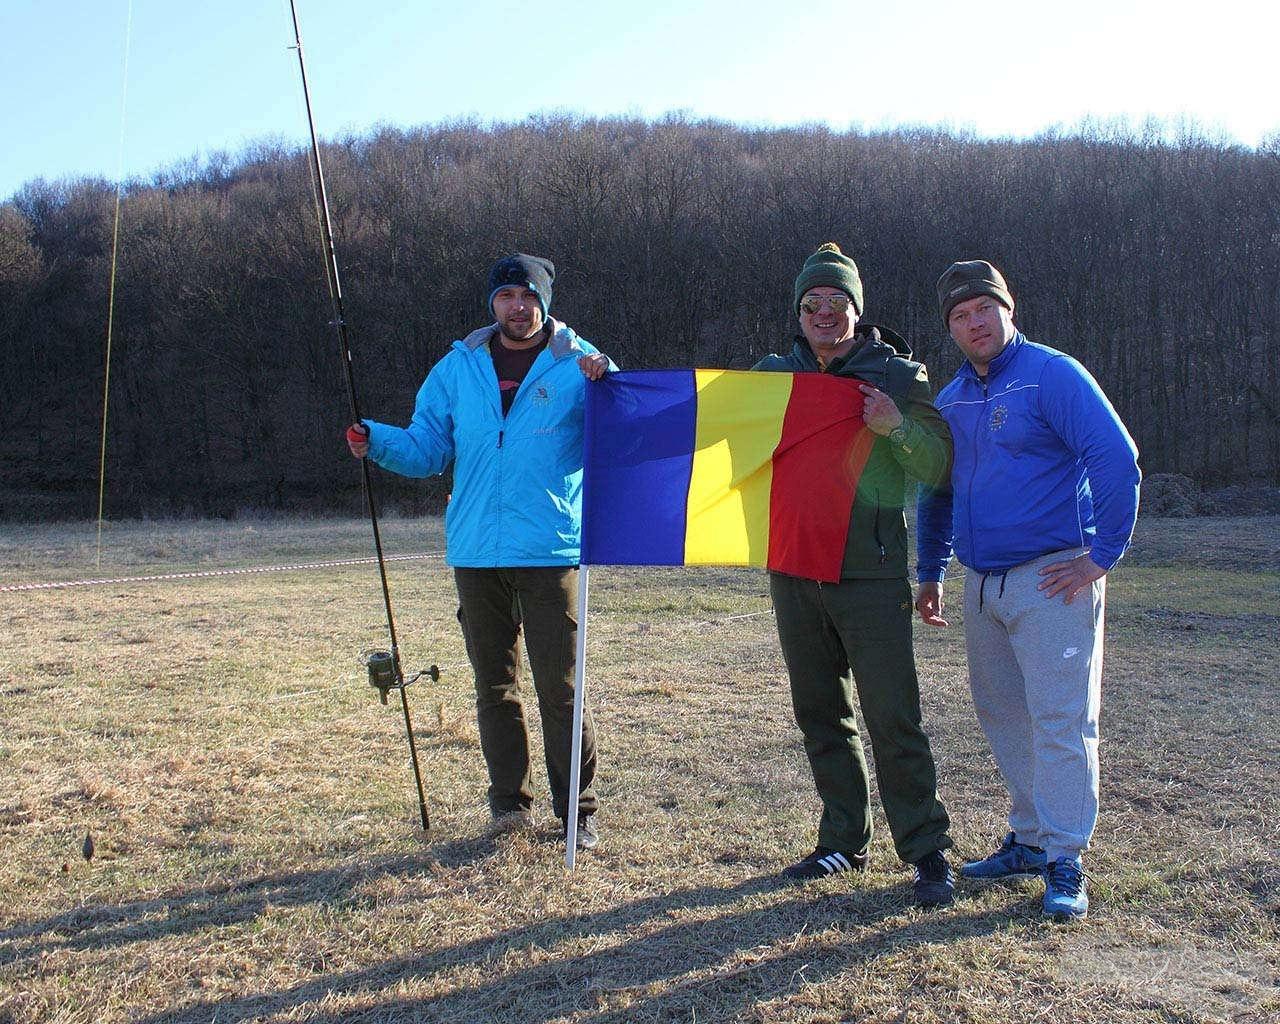 A román versenyzői csapat egy része. Jogos és megérdemelt az örömük!